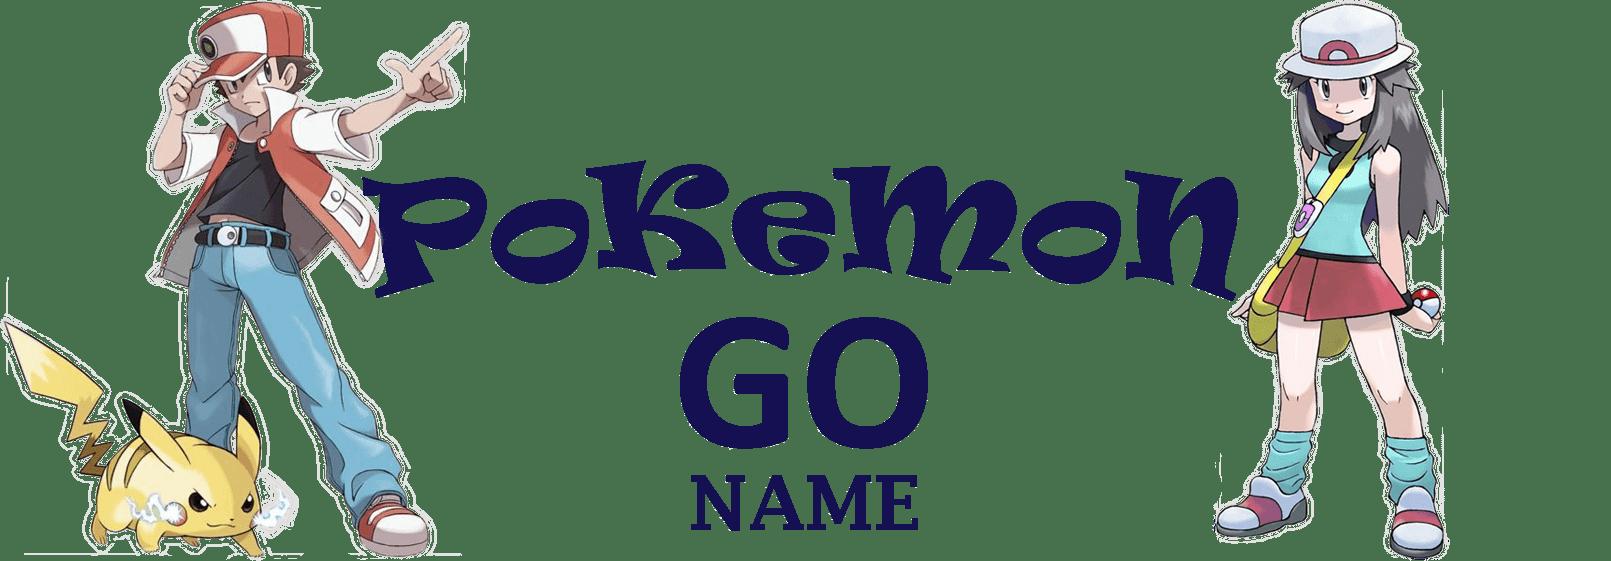 Pokemon GO Name | Новости, Ивенты, Обновления и Гайды игры Покемон ГО